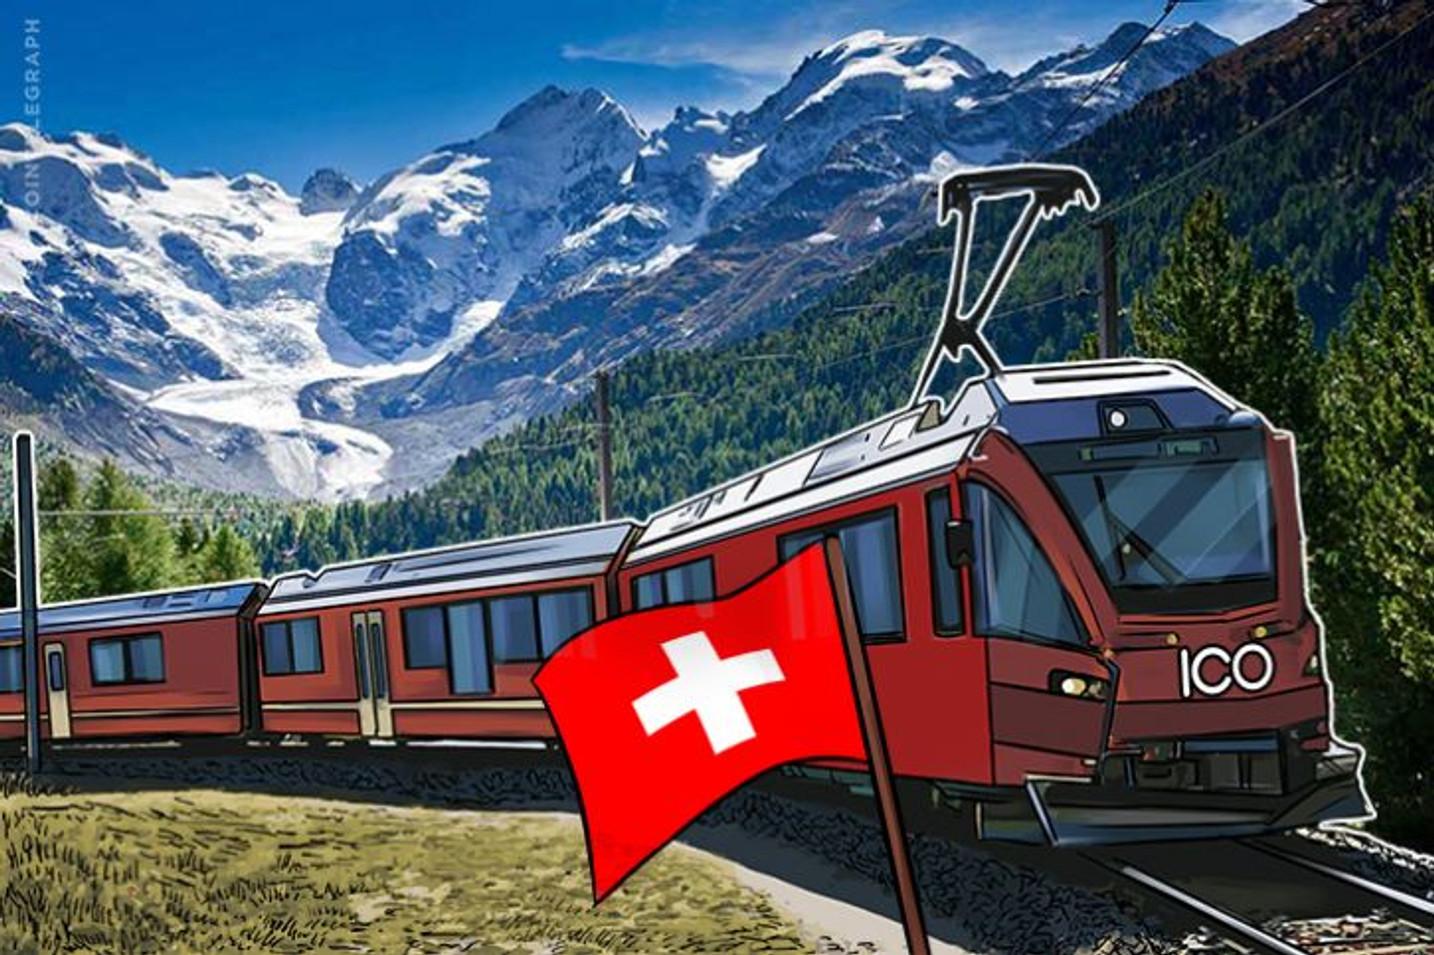 الهيئة المالية السويسرية تصدر توجيهات تنظيمية خاصة للطرح الأولي للعملات الرقمية